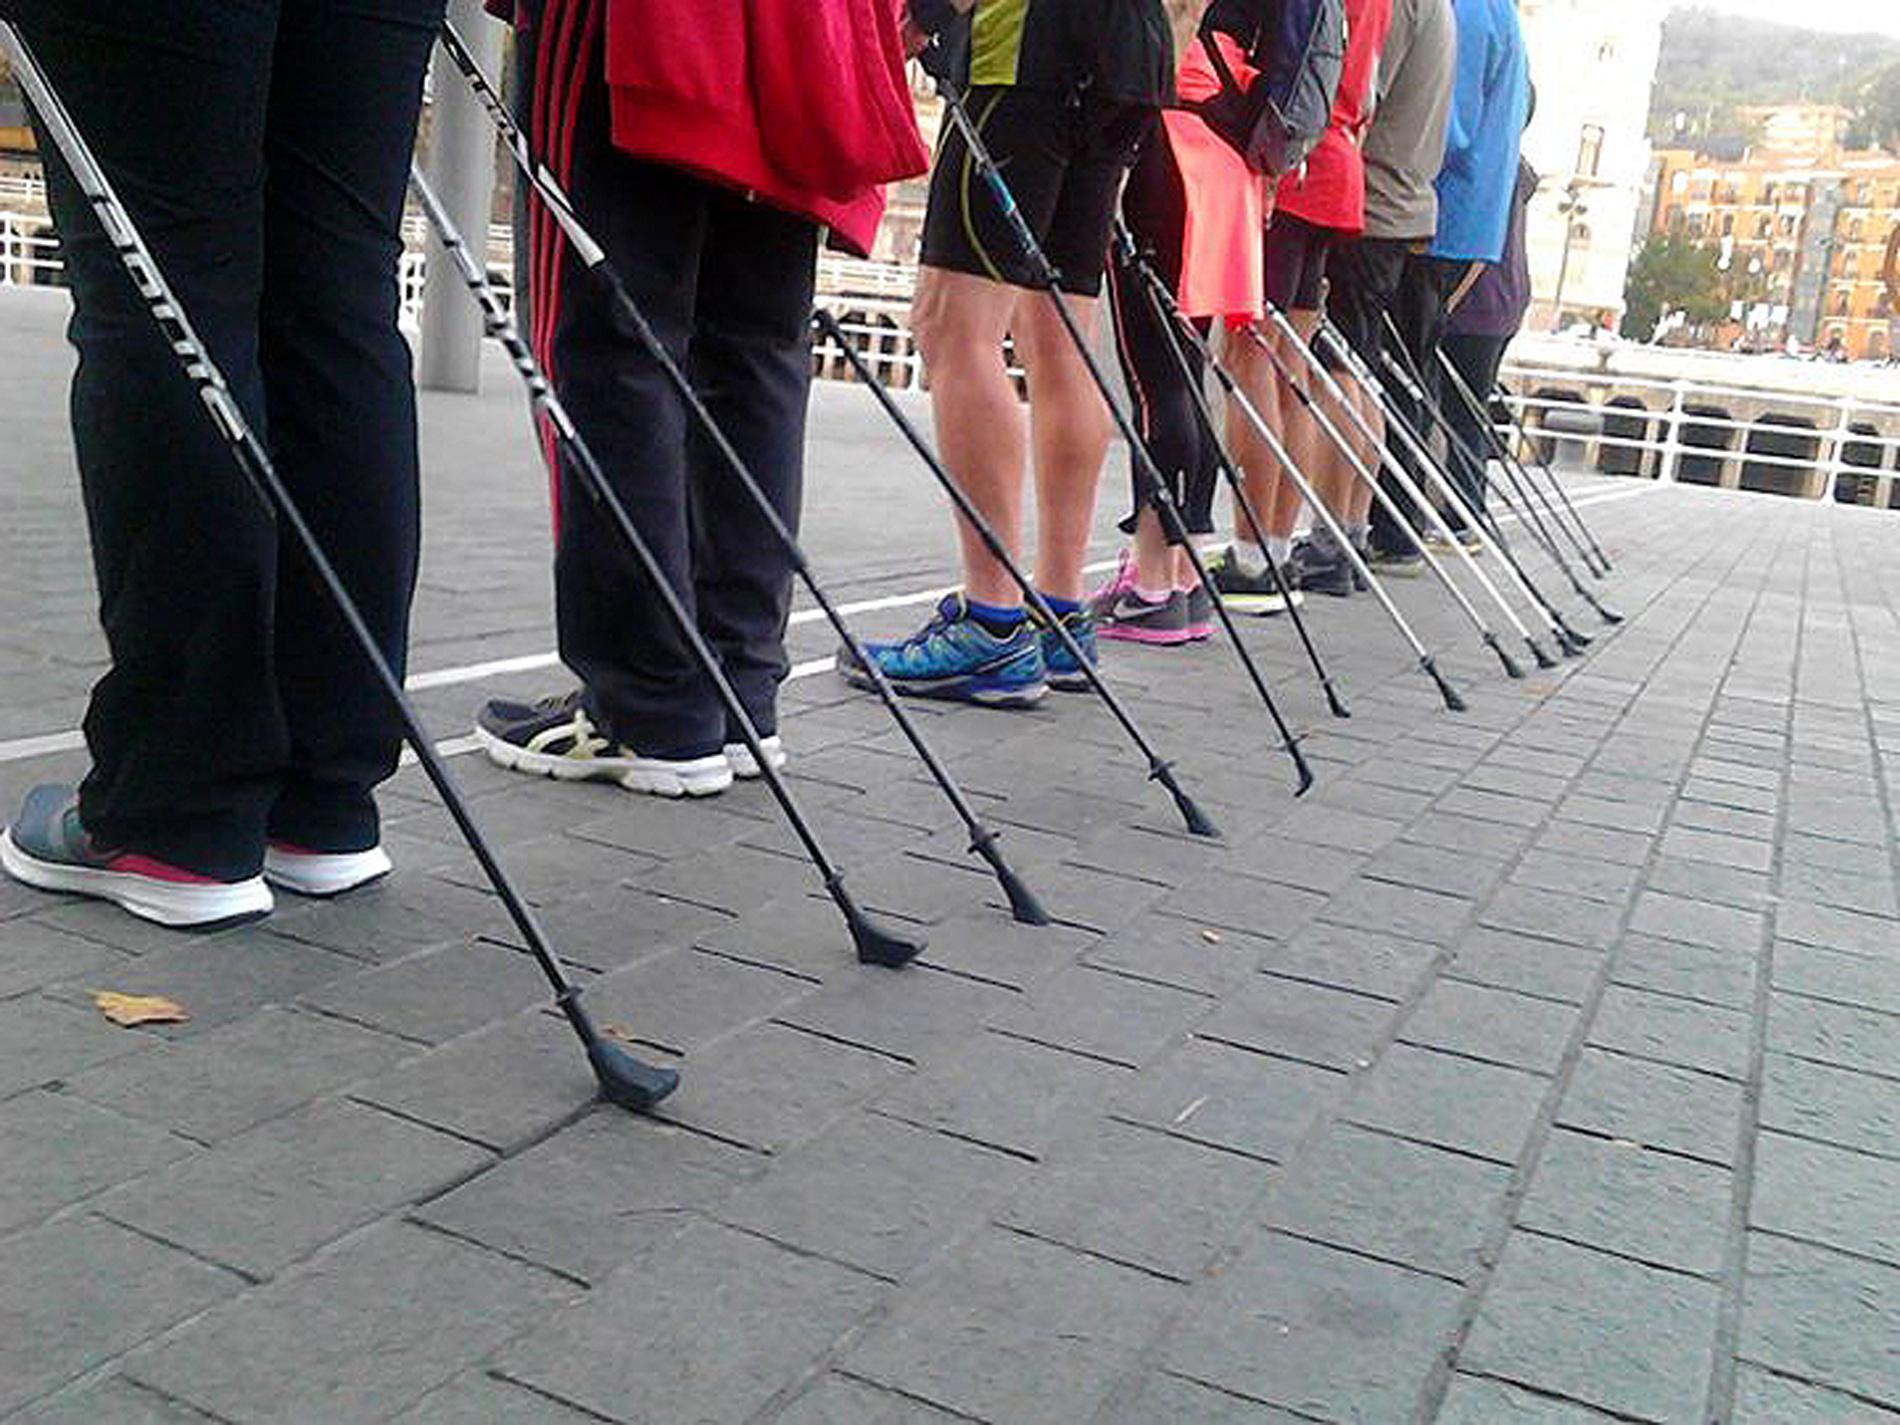 Taller de Nordic Walking en Bilbao